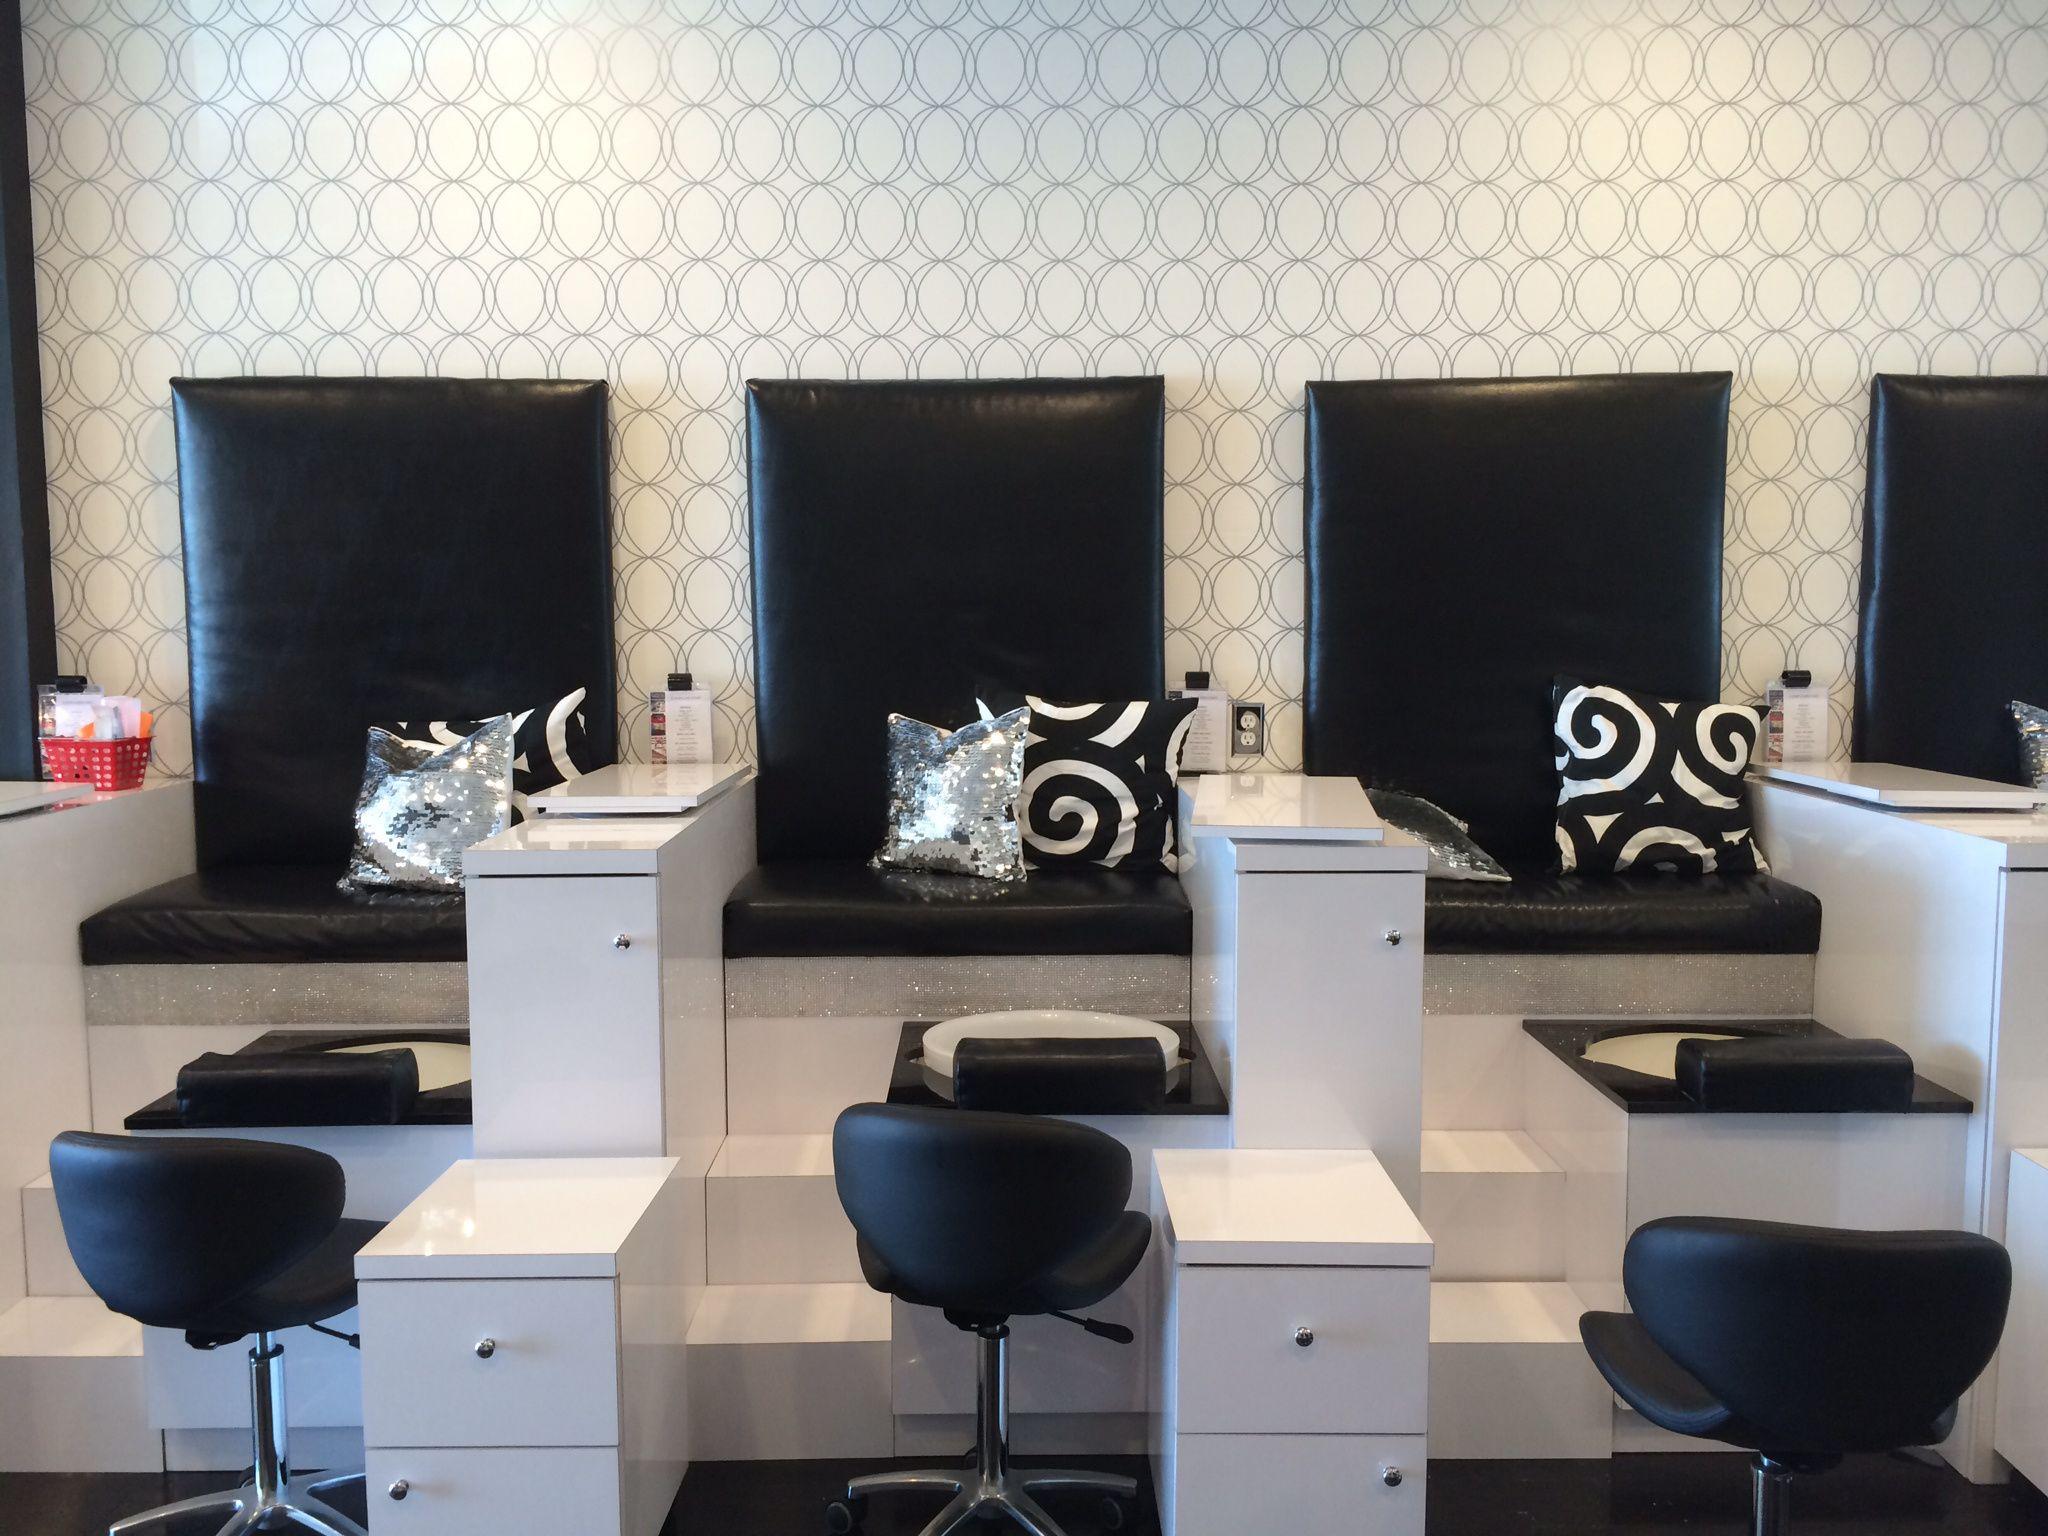 Cool Salons: Glo Nail Bar in Costa Mesa, Calif. | Salon Fanatic ...